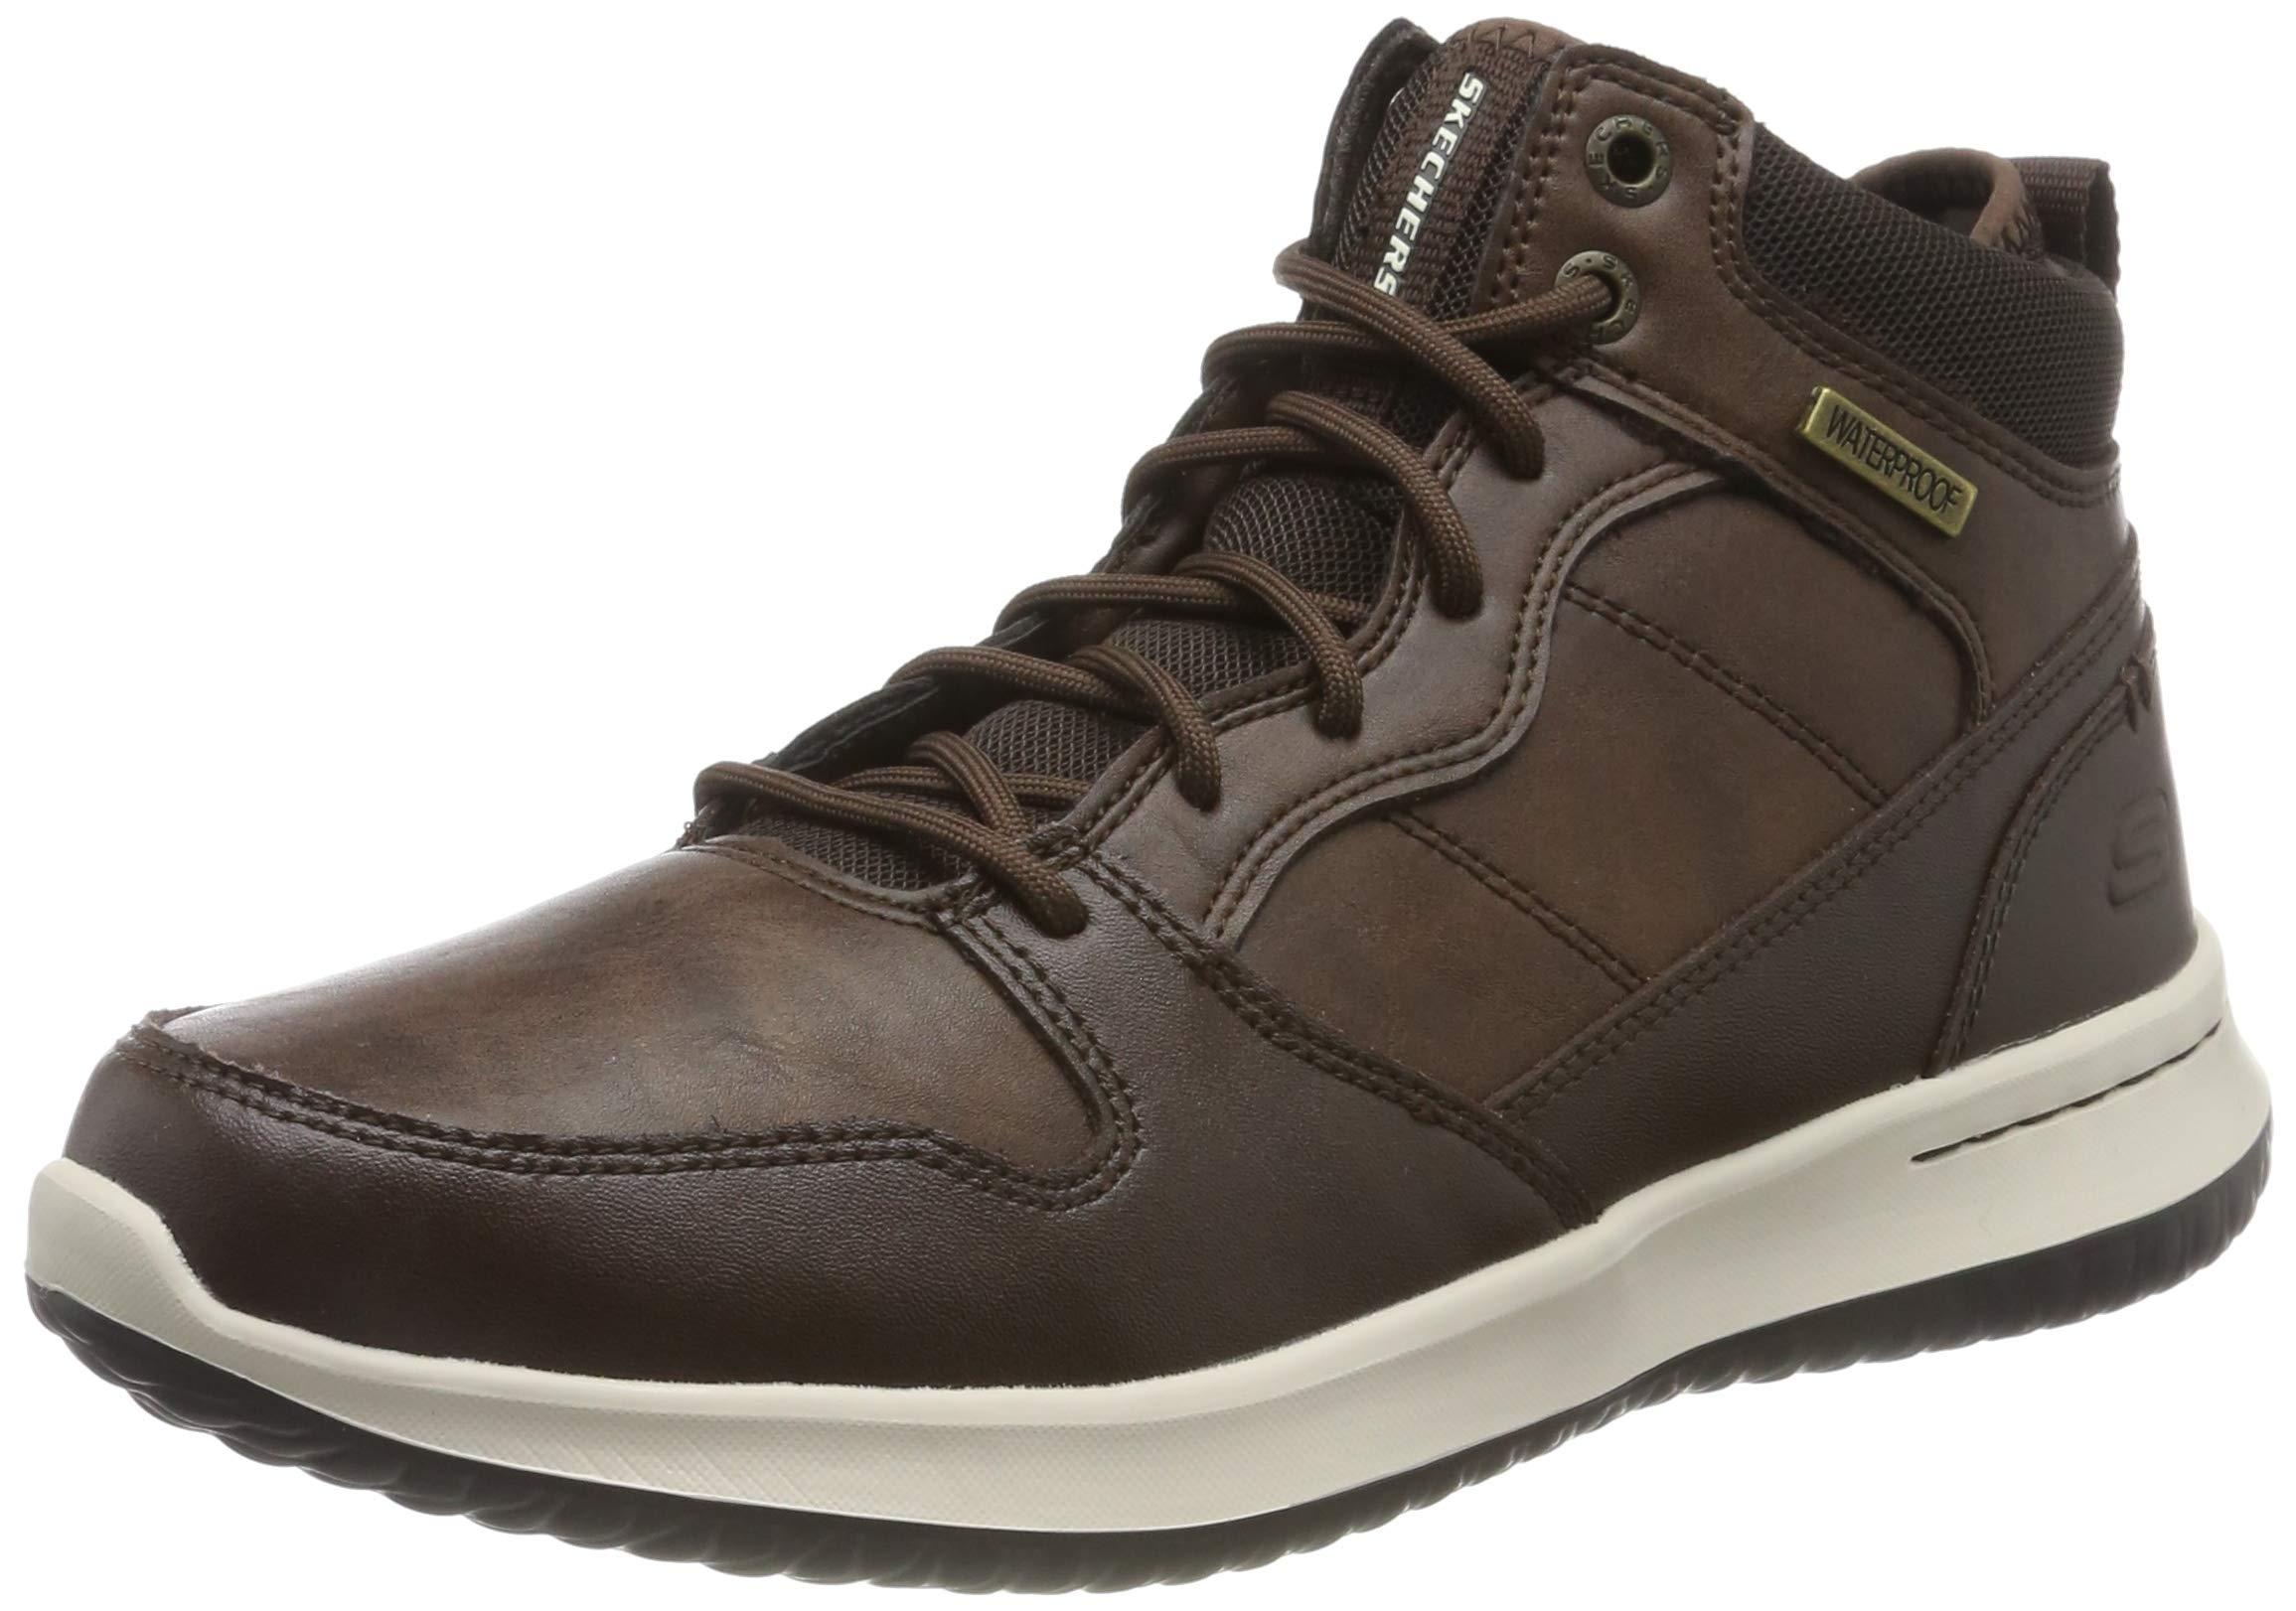 Classiques Homme Bottines Skechers marronchocolate Chocolate43 Eu DelsonBottesamp; Leather 53LR4Ajq